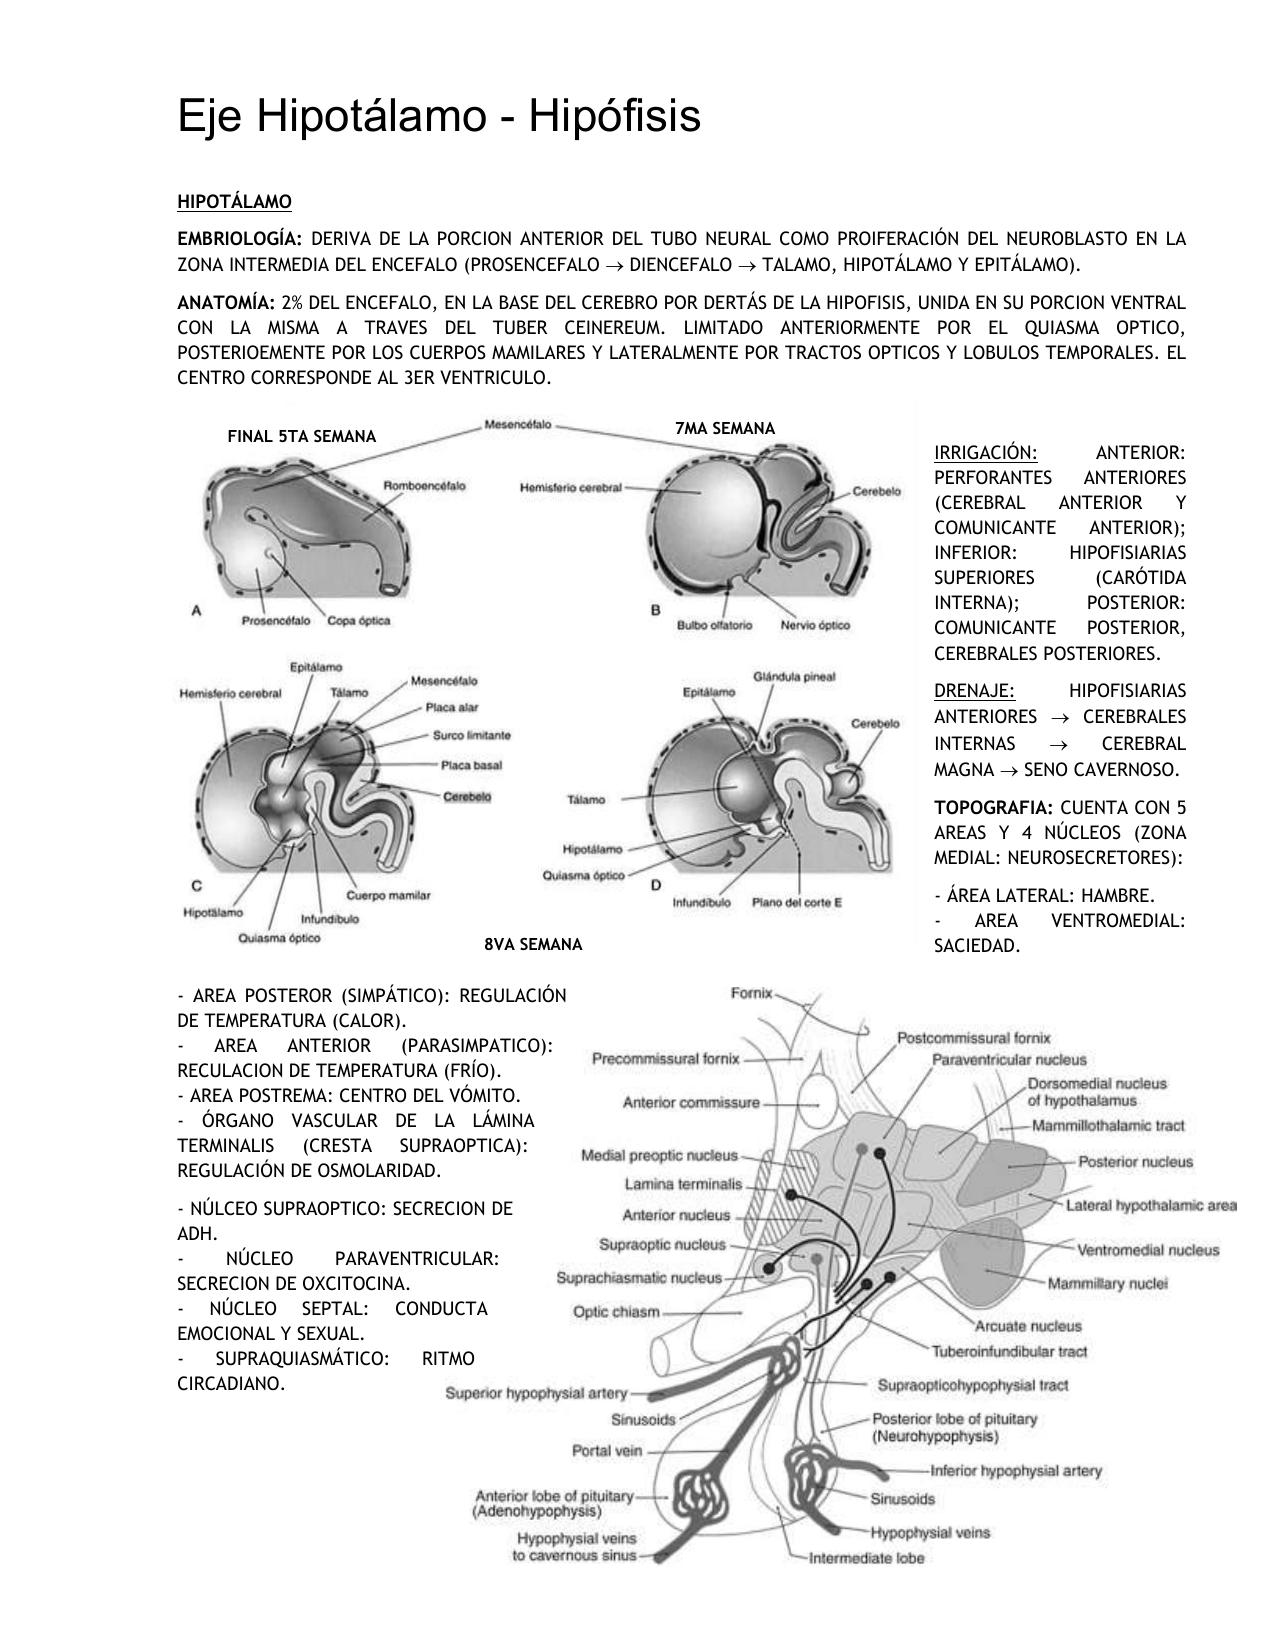 Irrigacion arterial de la hipofisis